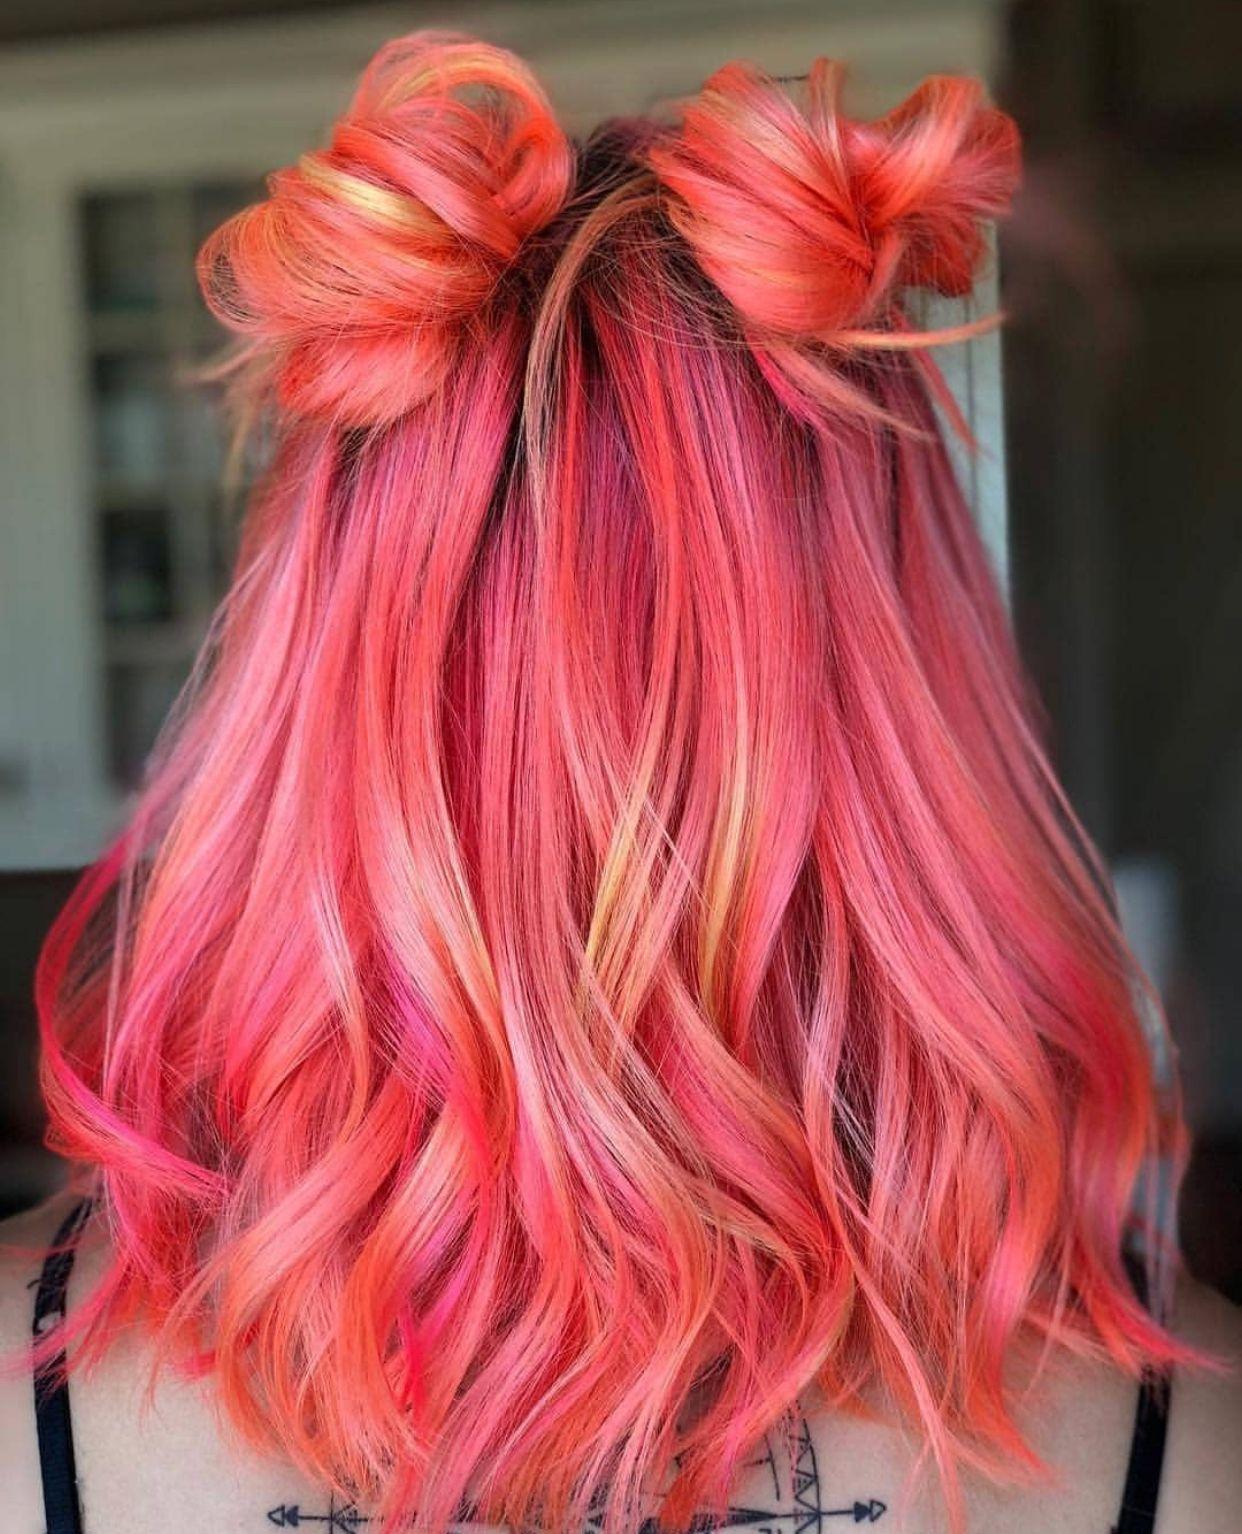 Pin By Chloebabyxoxo On Fashion Hair